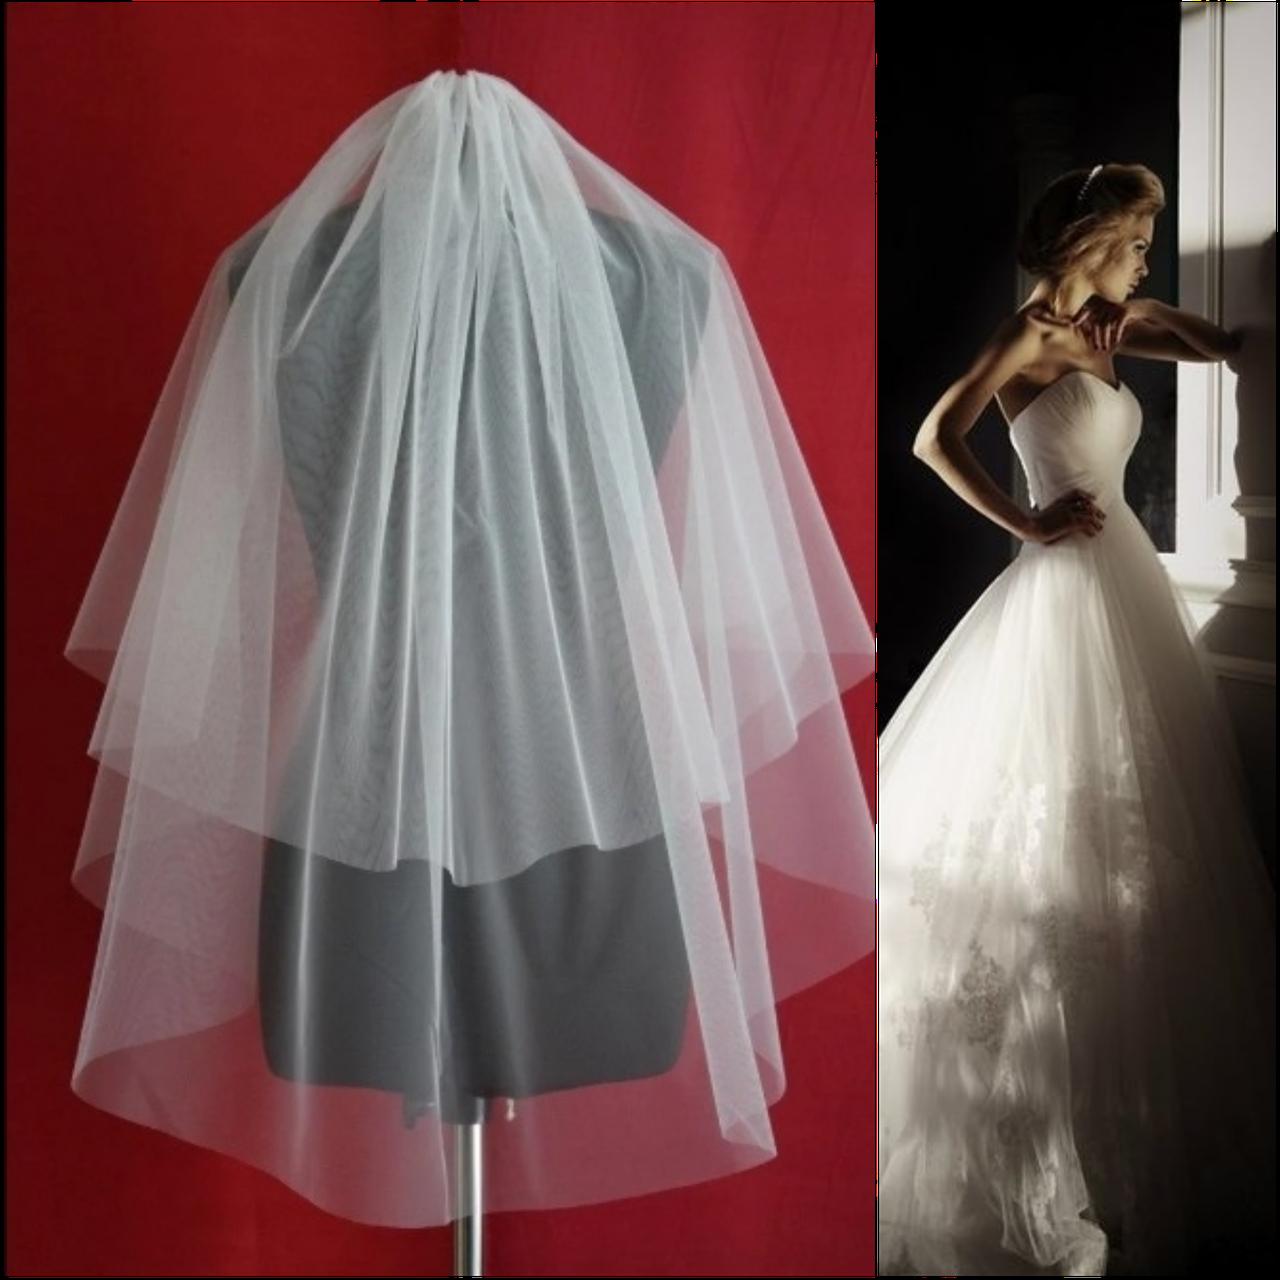 Двухъярусная обрезная свадебная Фата SF для Невесты белая (sf-001)